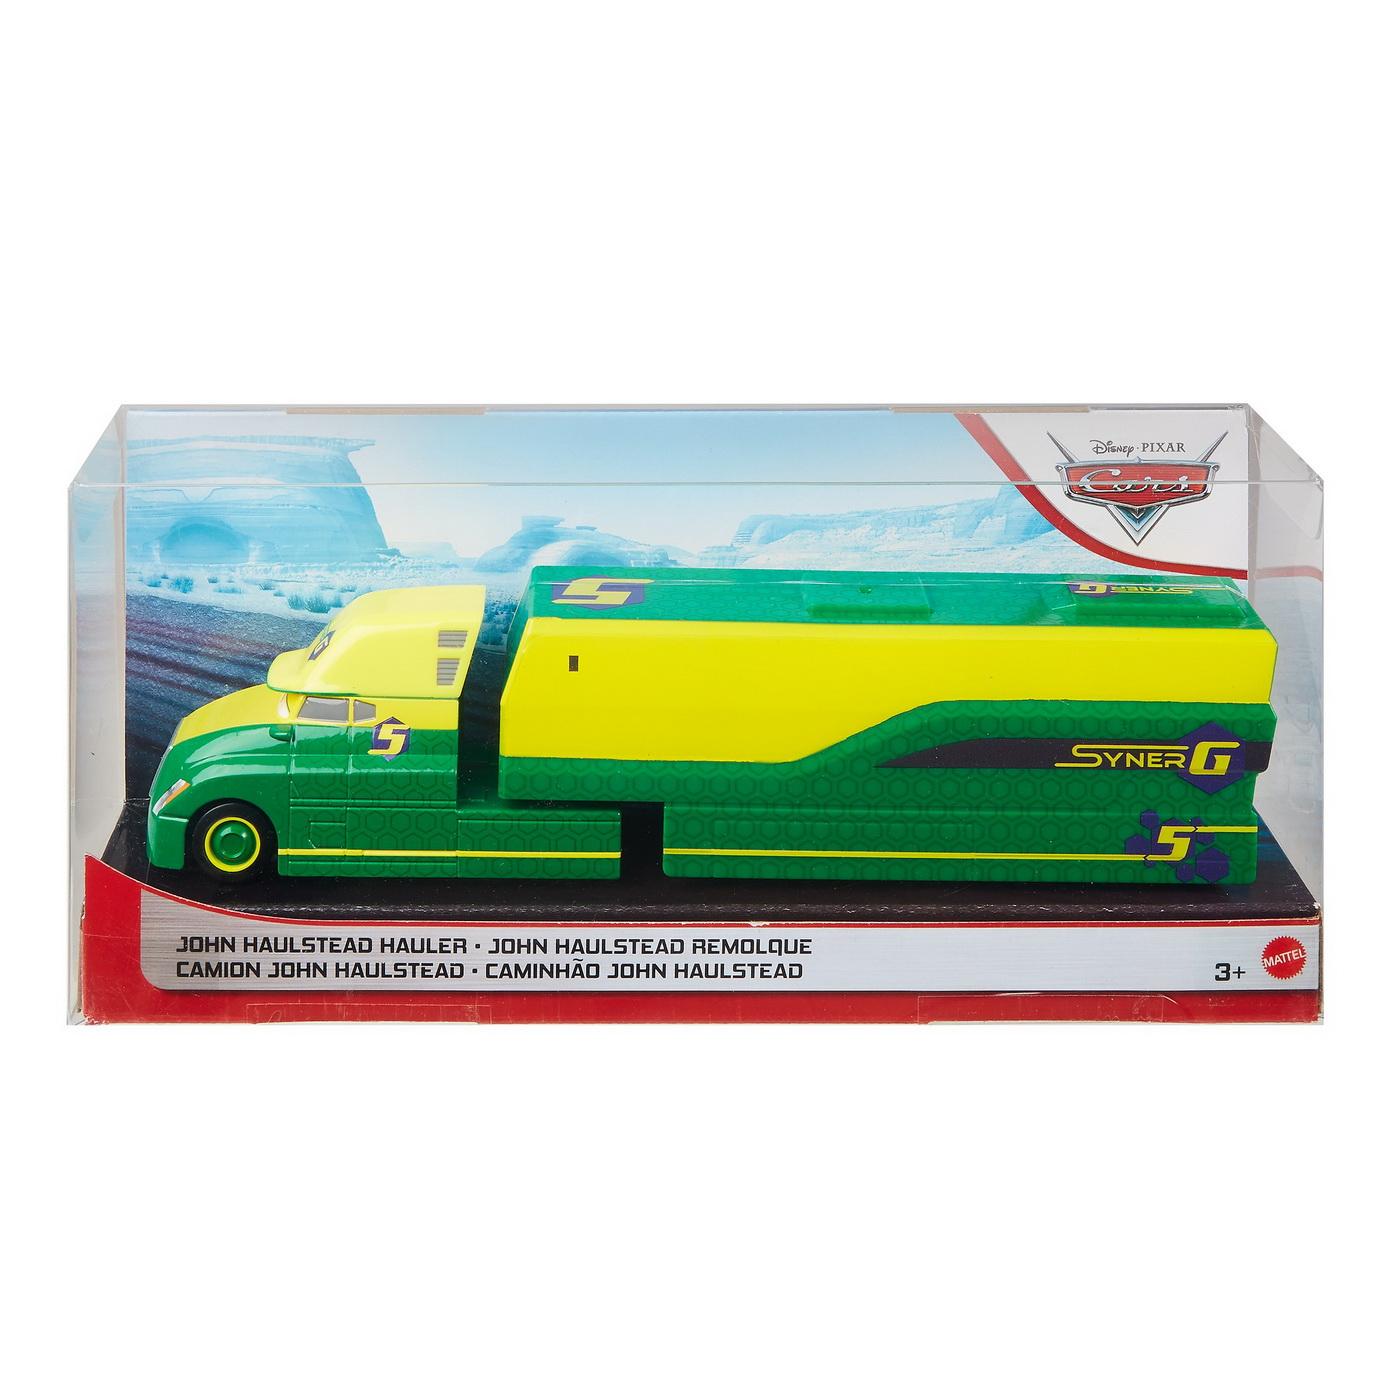 Cars Transportatorul John Haulsted Hauler